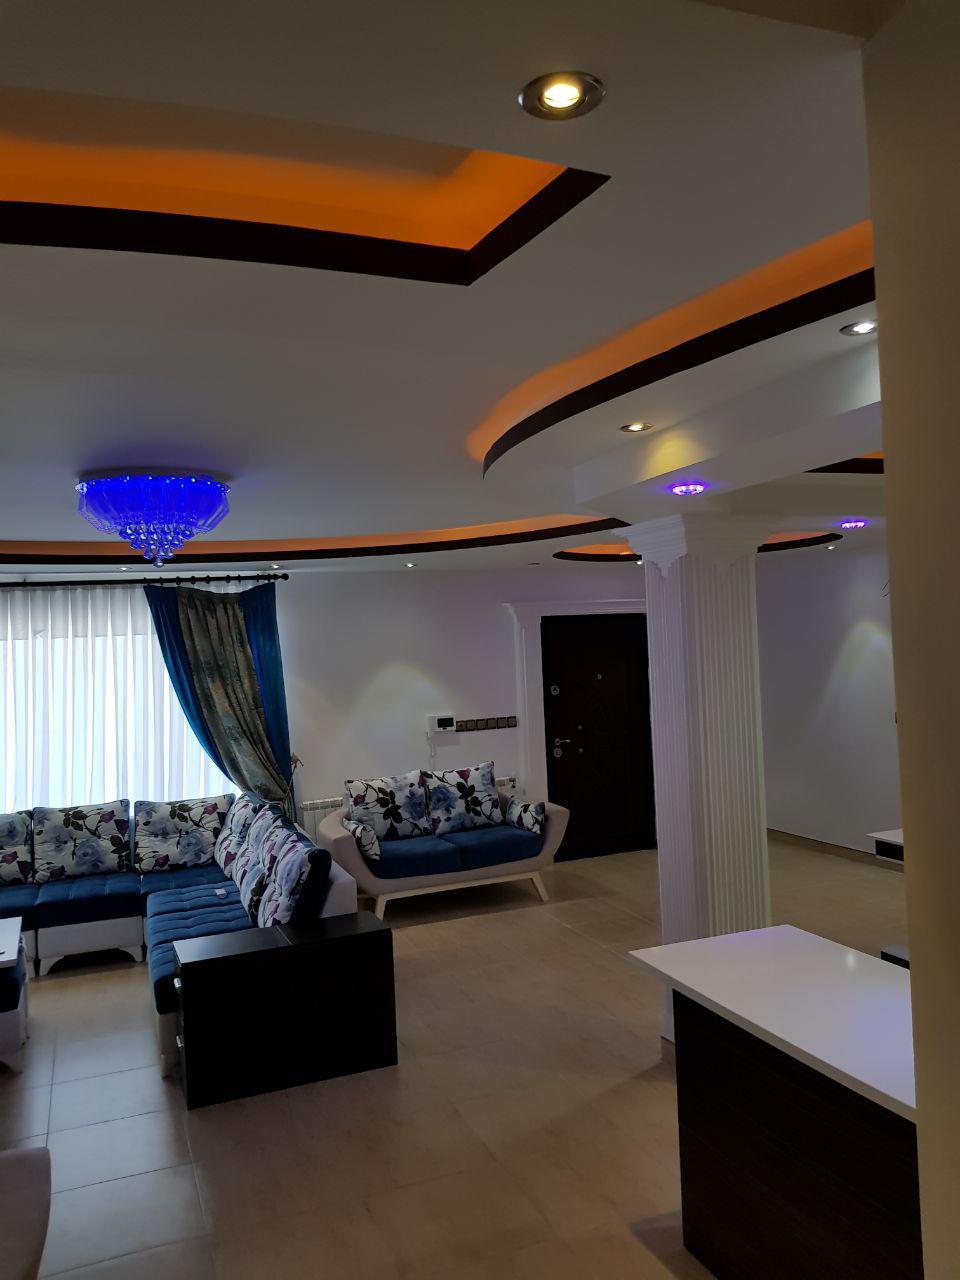 فروش ویلای 170 متری مبله در بندر کیاشهر-pic1